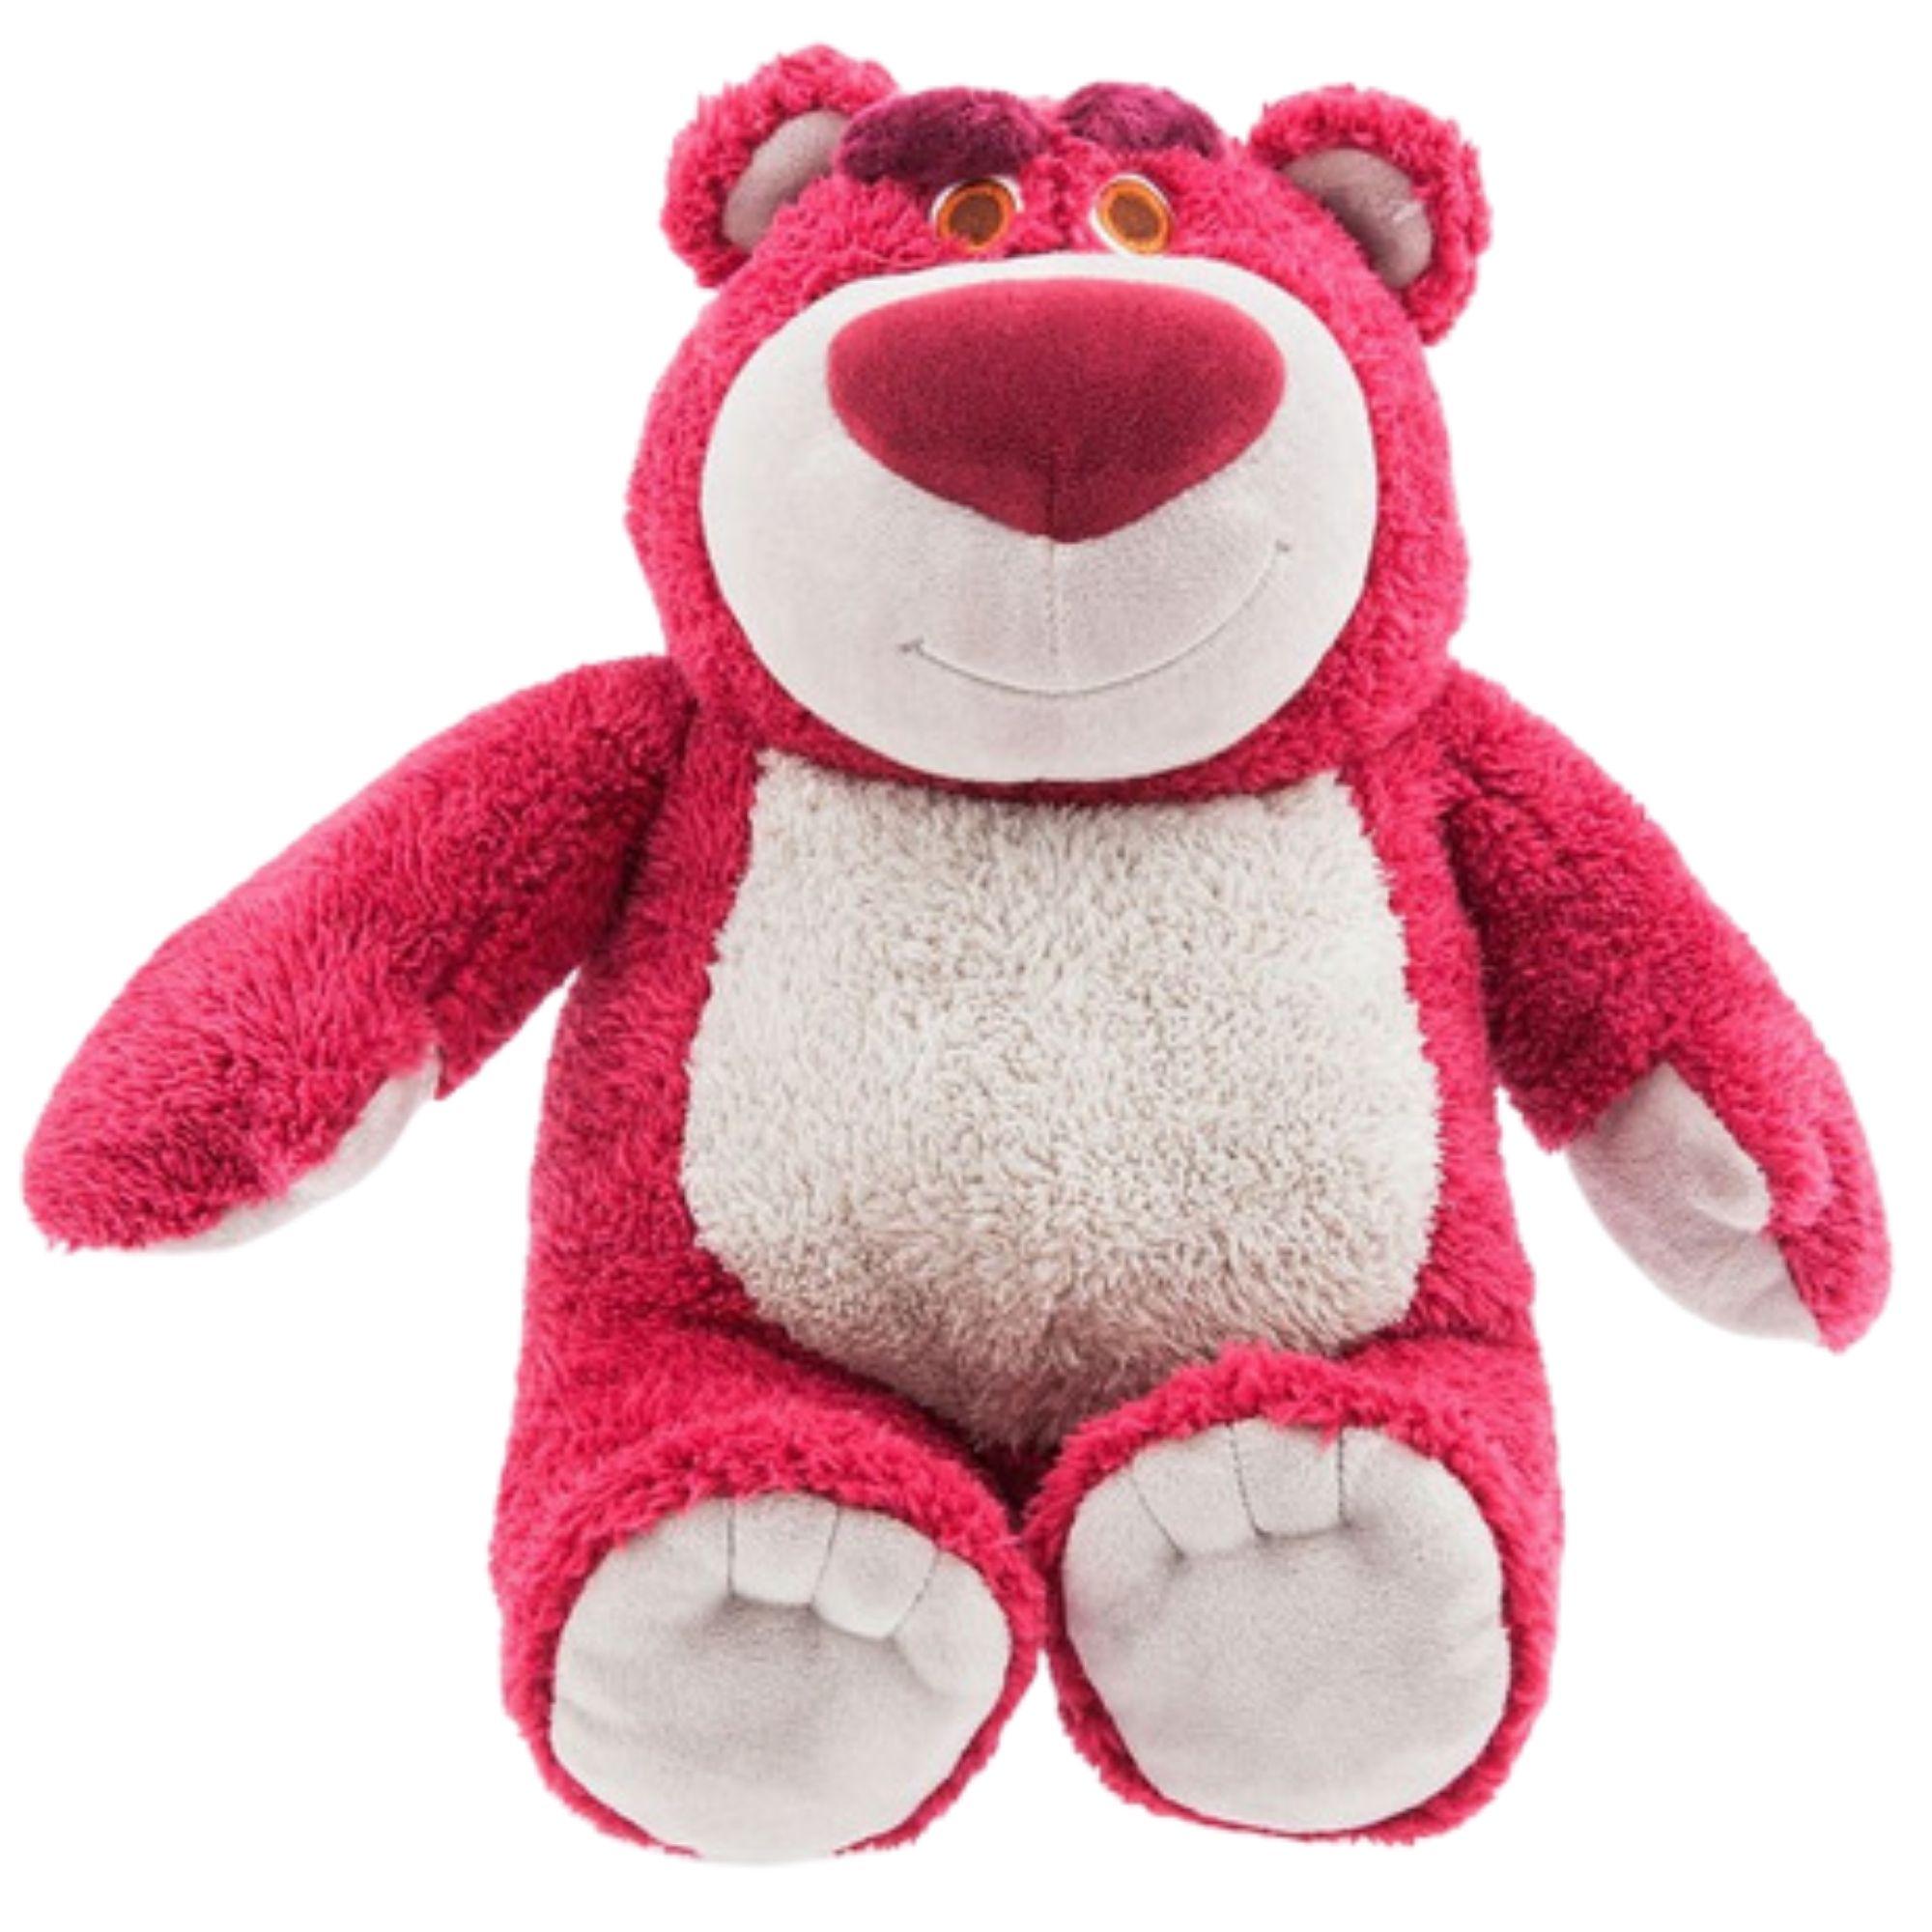 Lotso Urso de Pelucia Toy Story com cheiro de morango 30 cm  - Game Land Brinquedos